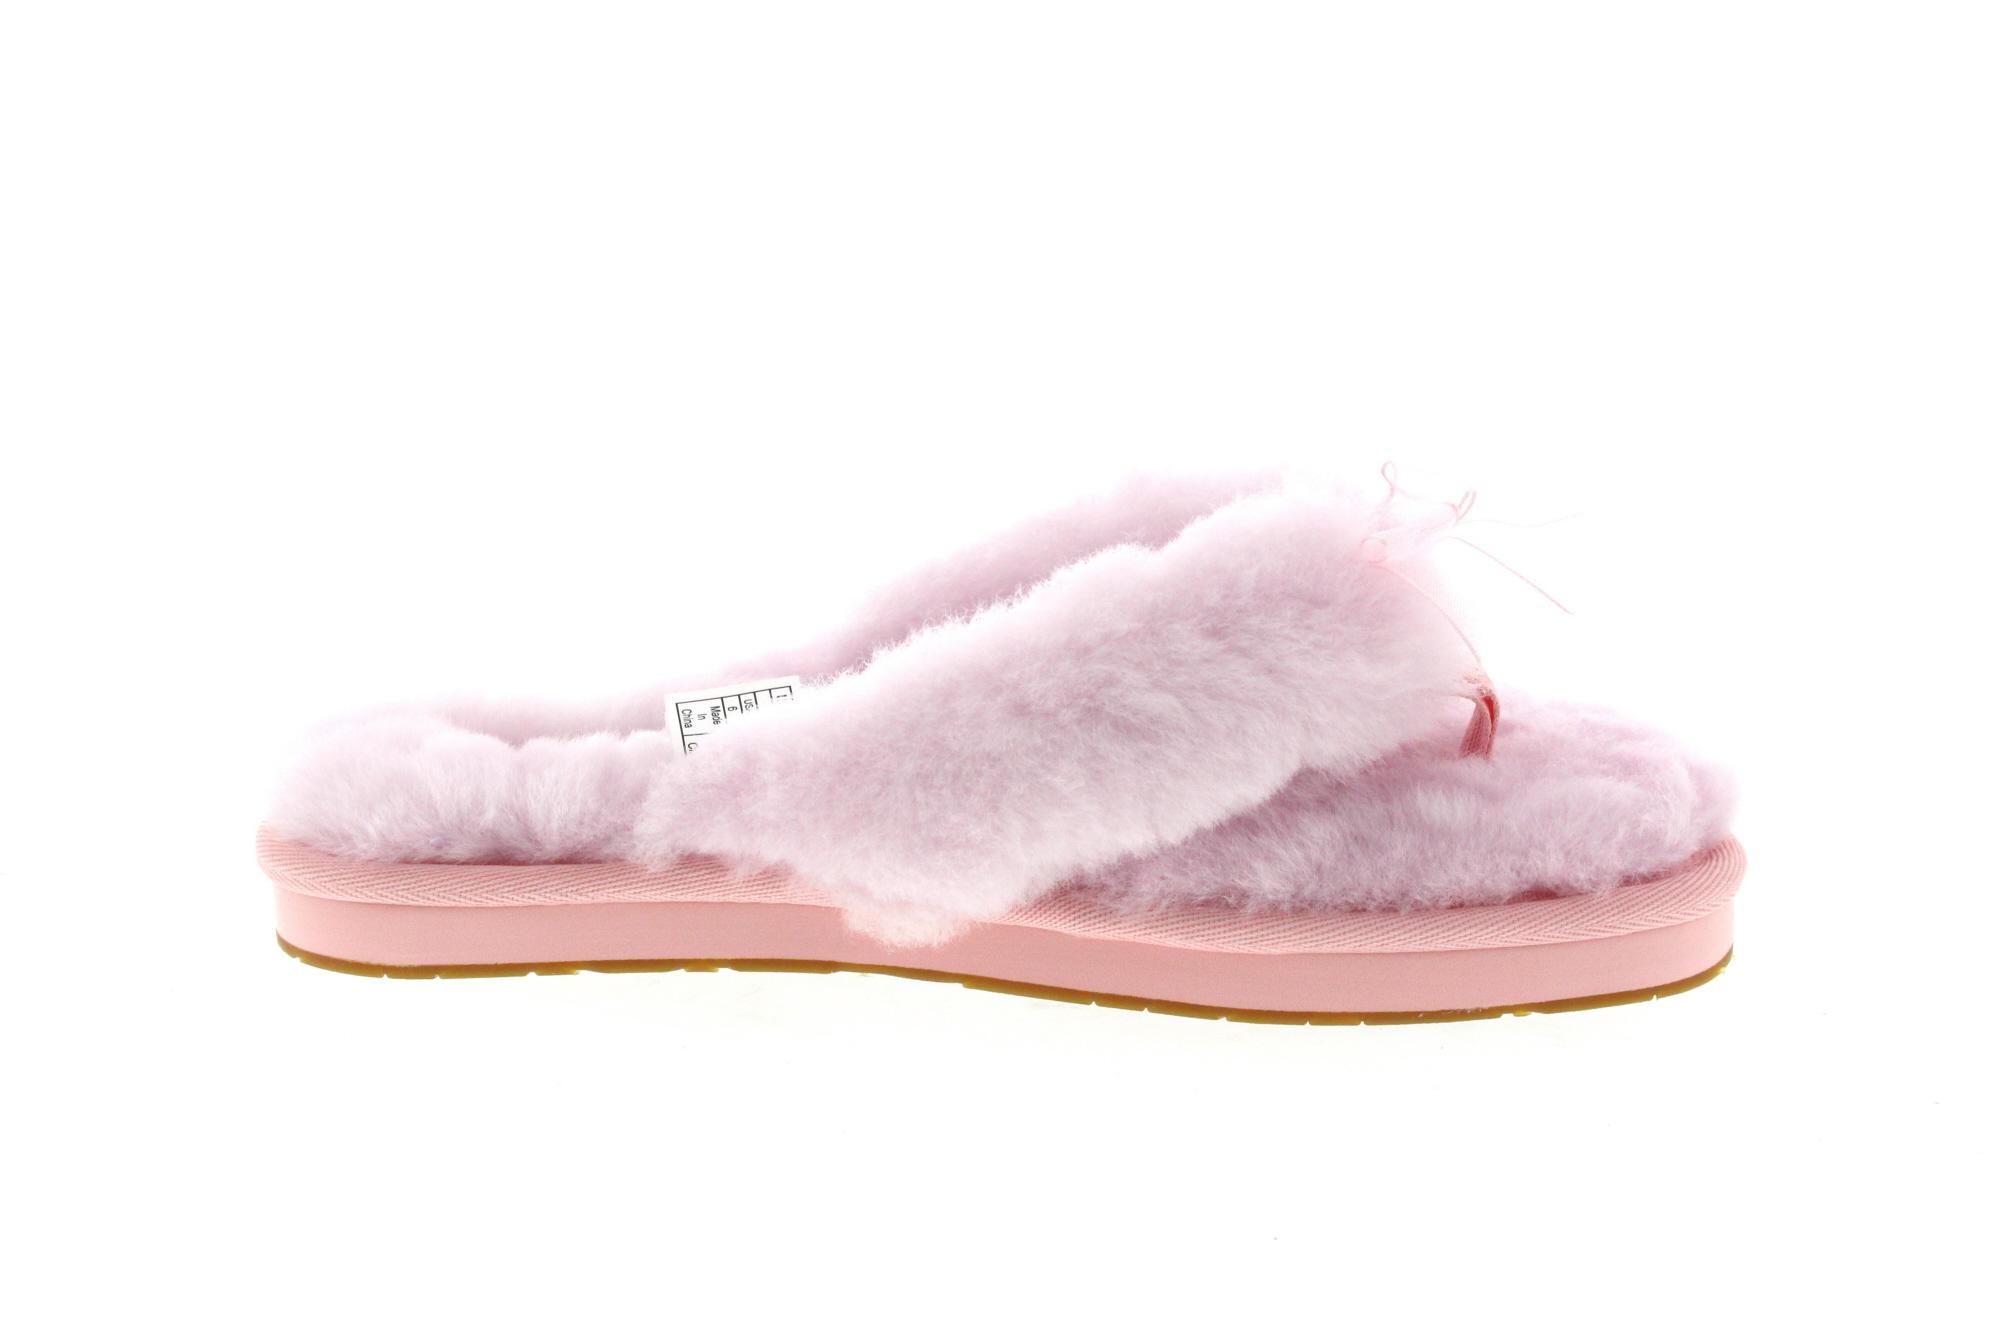 04915835aaa4 UGG - Hausschuhe FLUFF FLIP III 1100250 - seashell pink. Vergrößern. -10%.  UGG ...